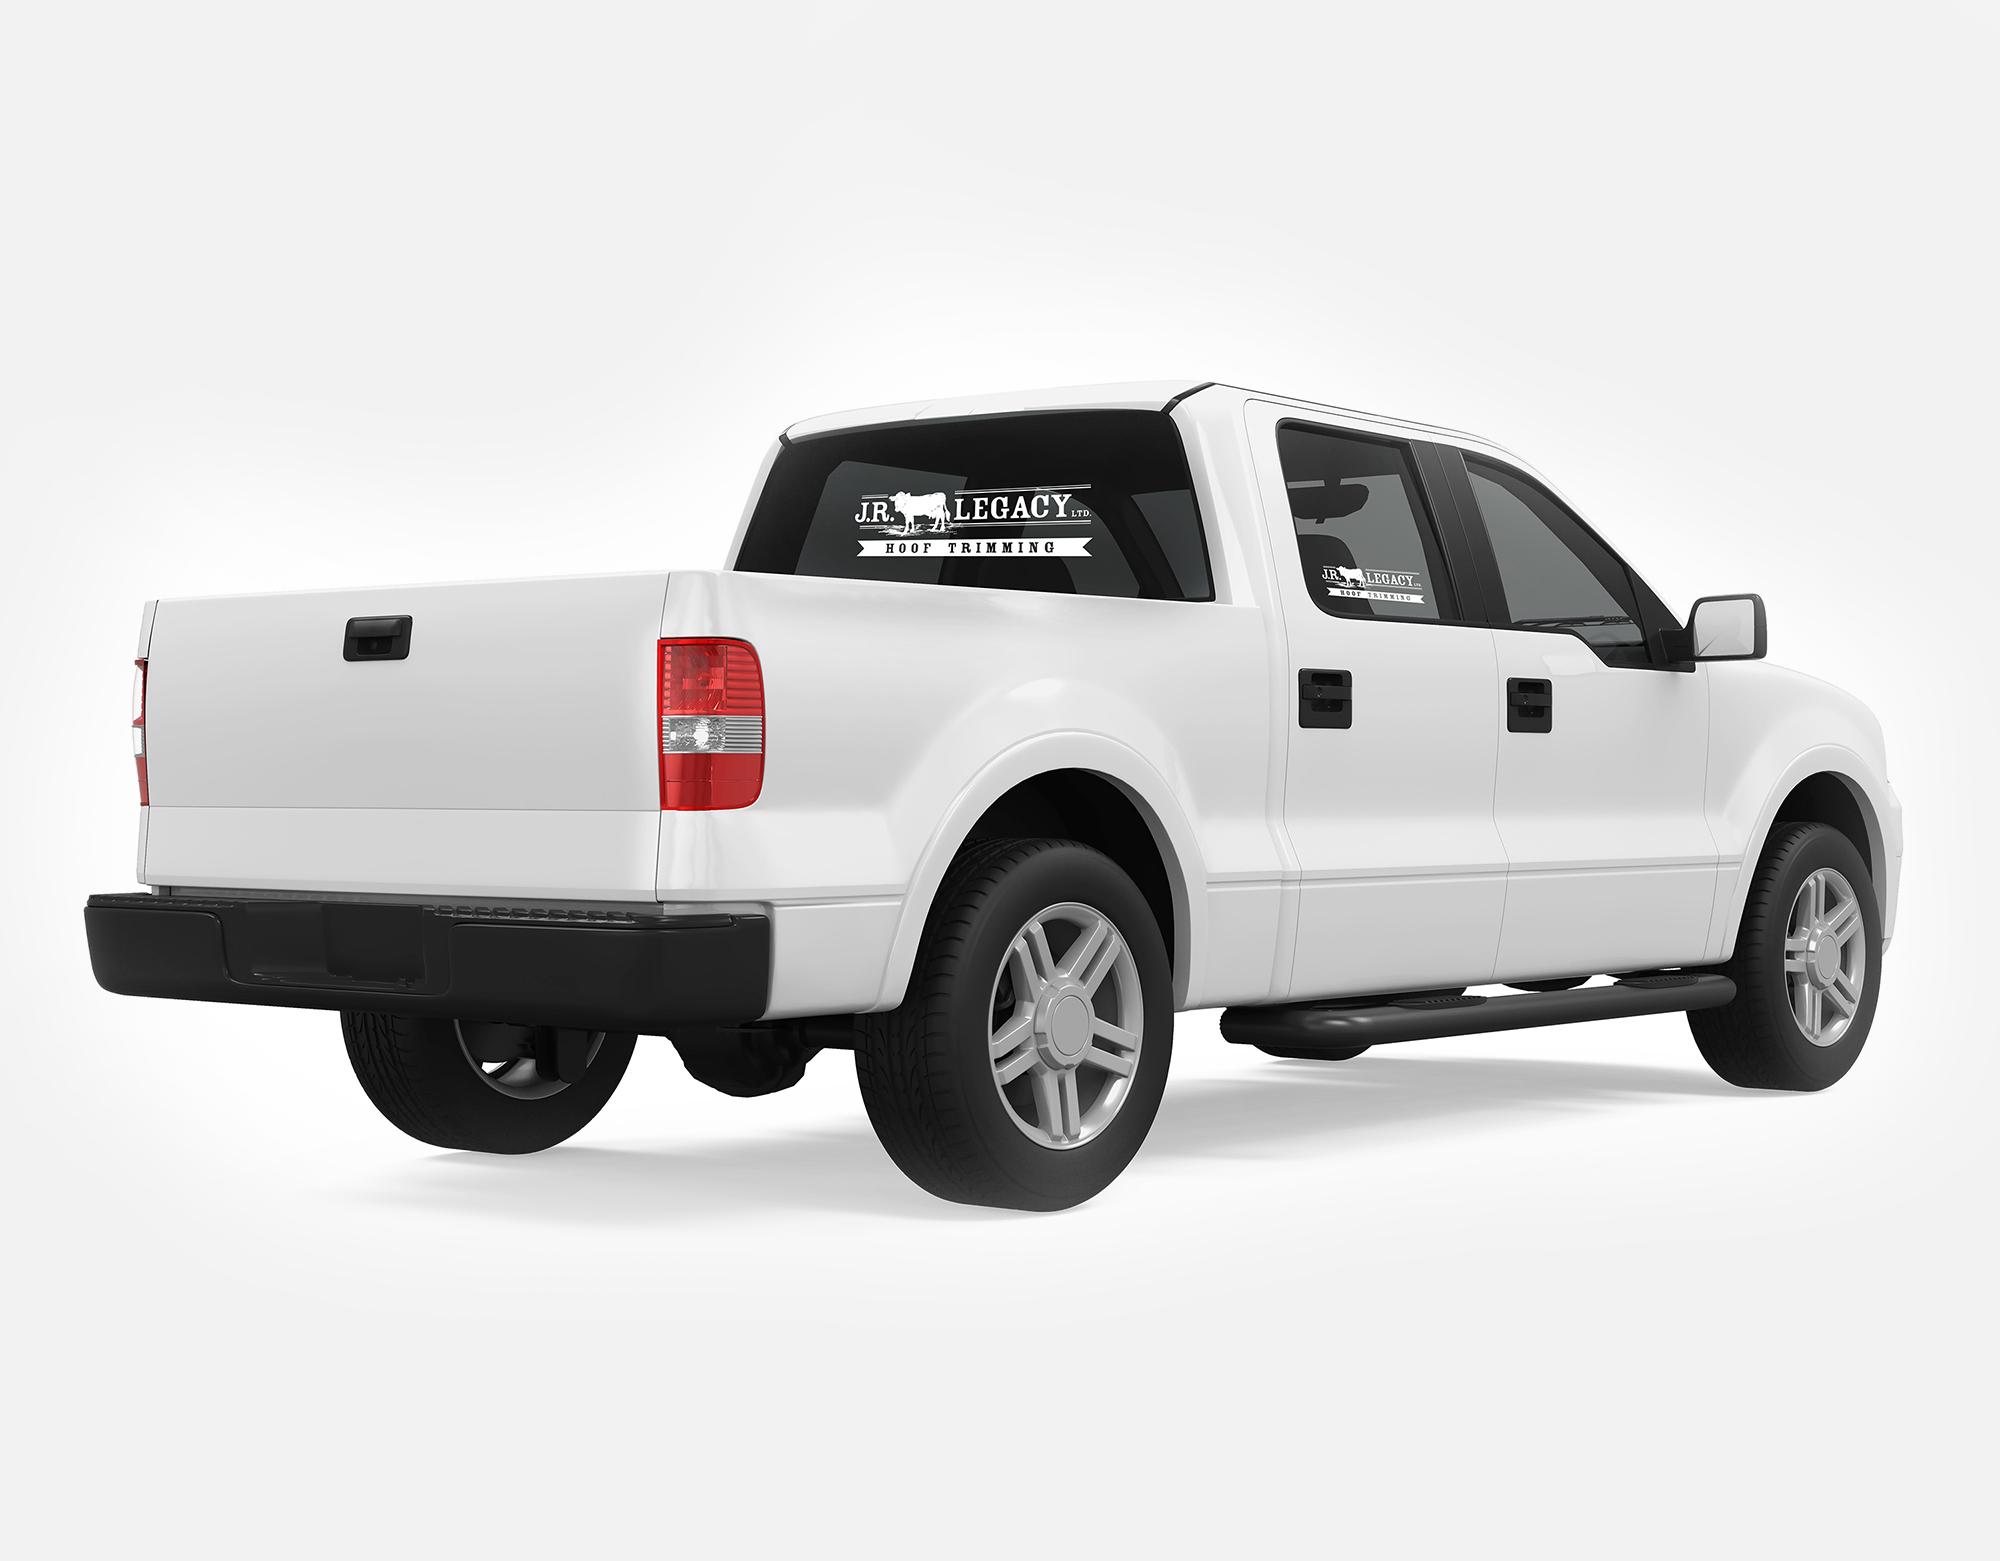 JR_Legacy_Hoof_Trimming_Vehicle_Back_Side.jpg